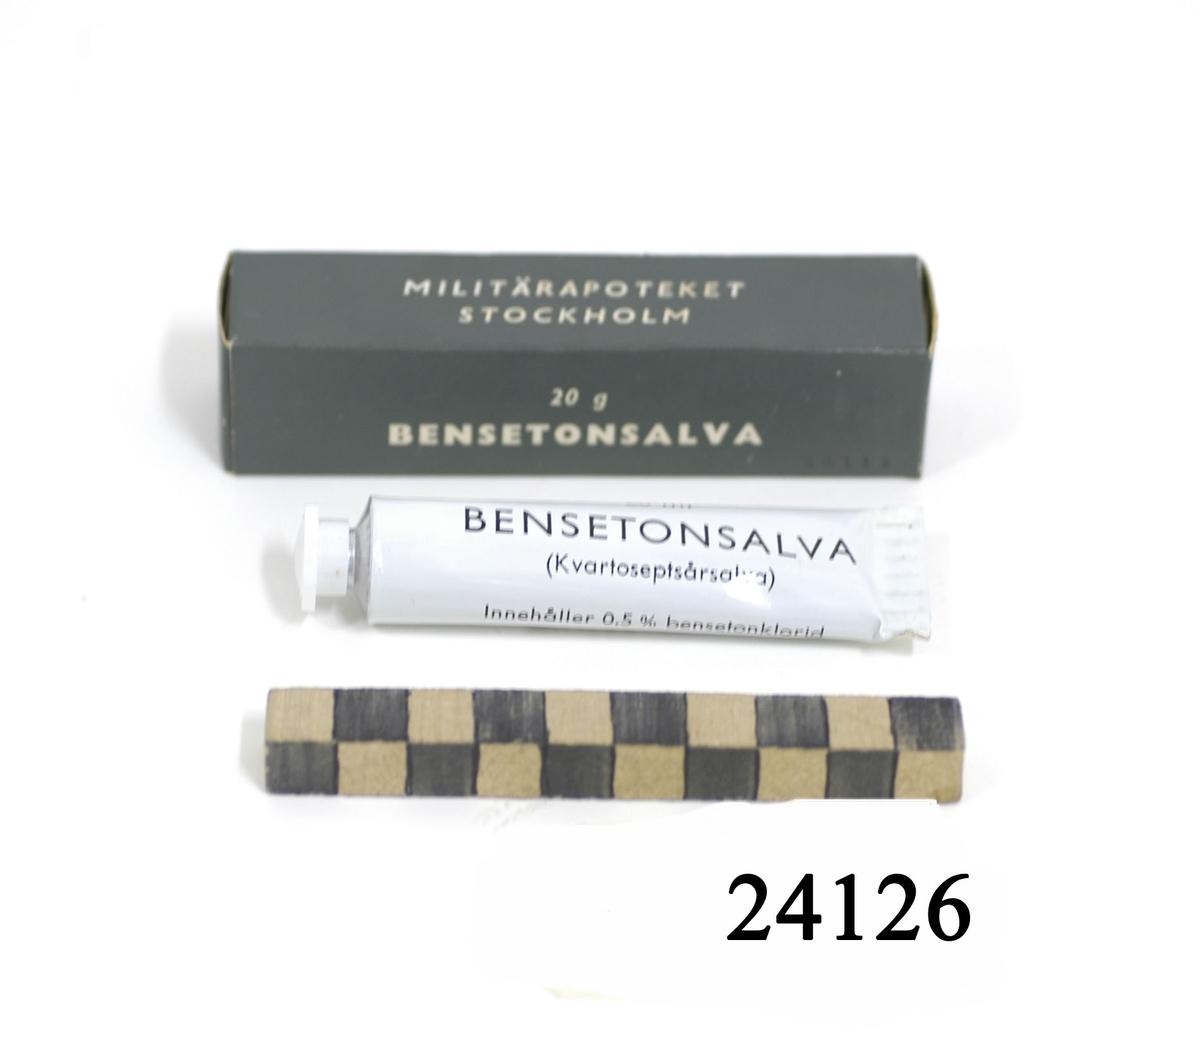 """Vit tub av metall, vit skruvkork av plast. På tuben svart text: """" 20 ml Bensetonsalva ( Kvartoseptsårsalva ) Innehåller 0,5 % bensetonklorid. MILITÄRAPOTEKET STOCKHOLM """". Tuben förvaras i mörkgrön pappersförpackning med vit text: """" 20 g BENSETONSALVA. MILITÄRAPOTEKET STOCKHOLM , 66111 """"."""